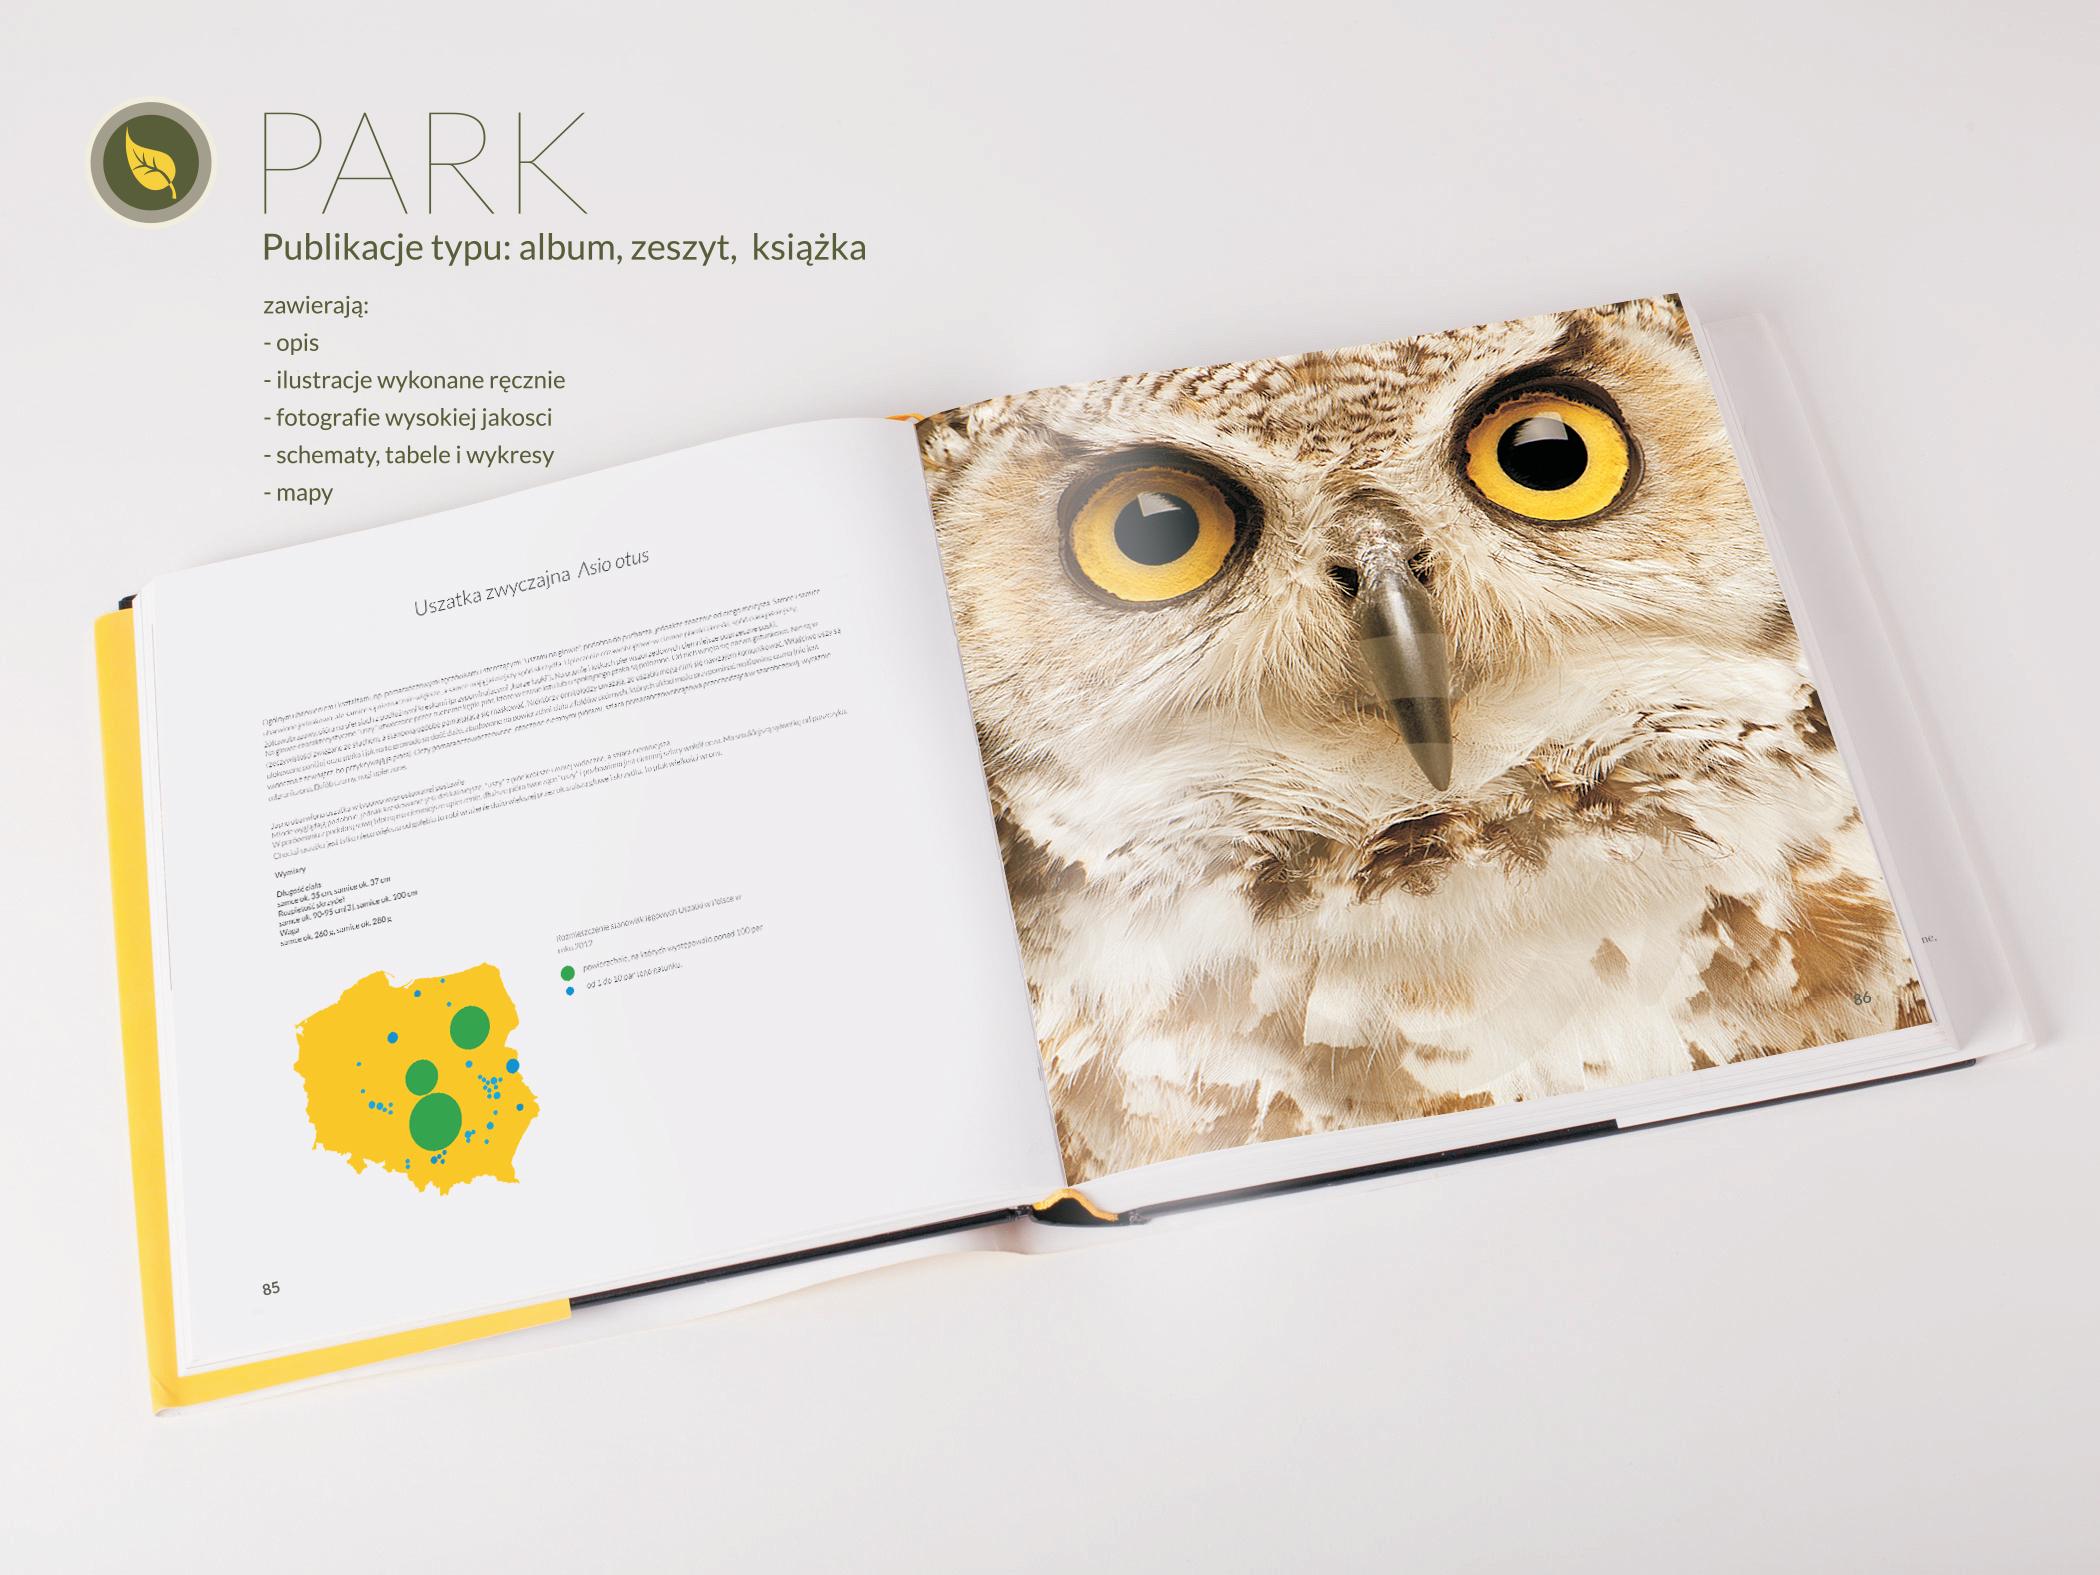 maciek_park_program produktowy